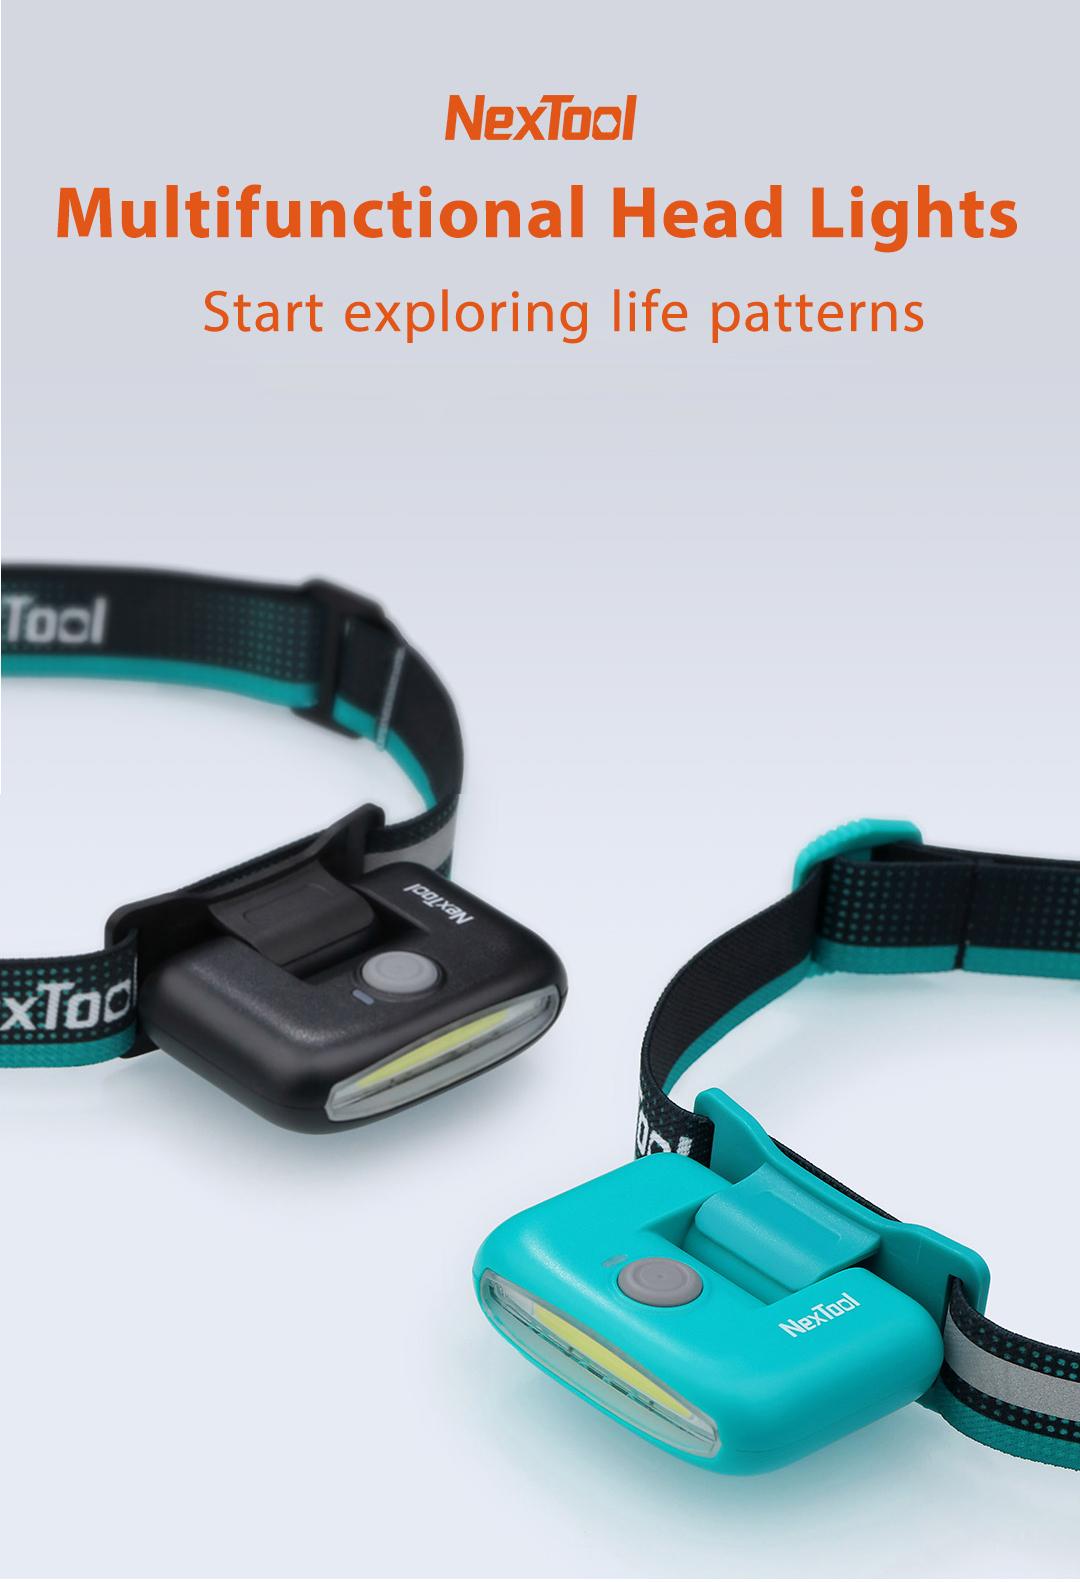 Los mejores gadgets de supervivencia que Xiaomi ha puesto a la venta de la marca Nextool: cuchillos, linternas, navajas...